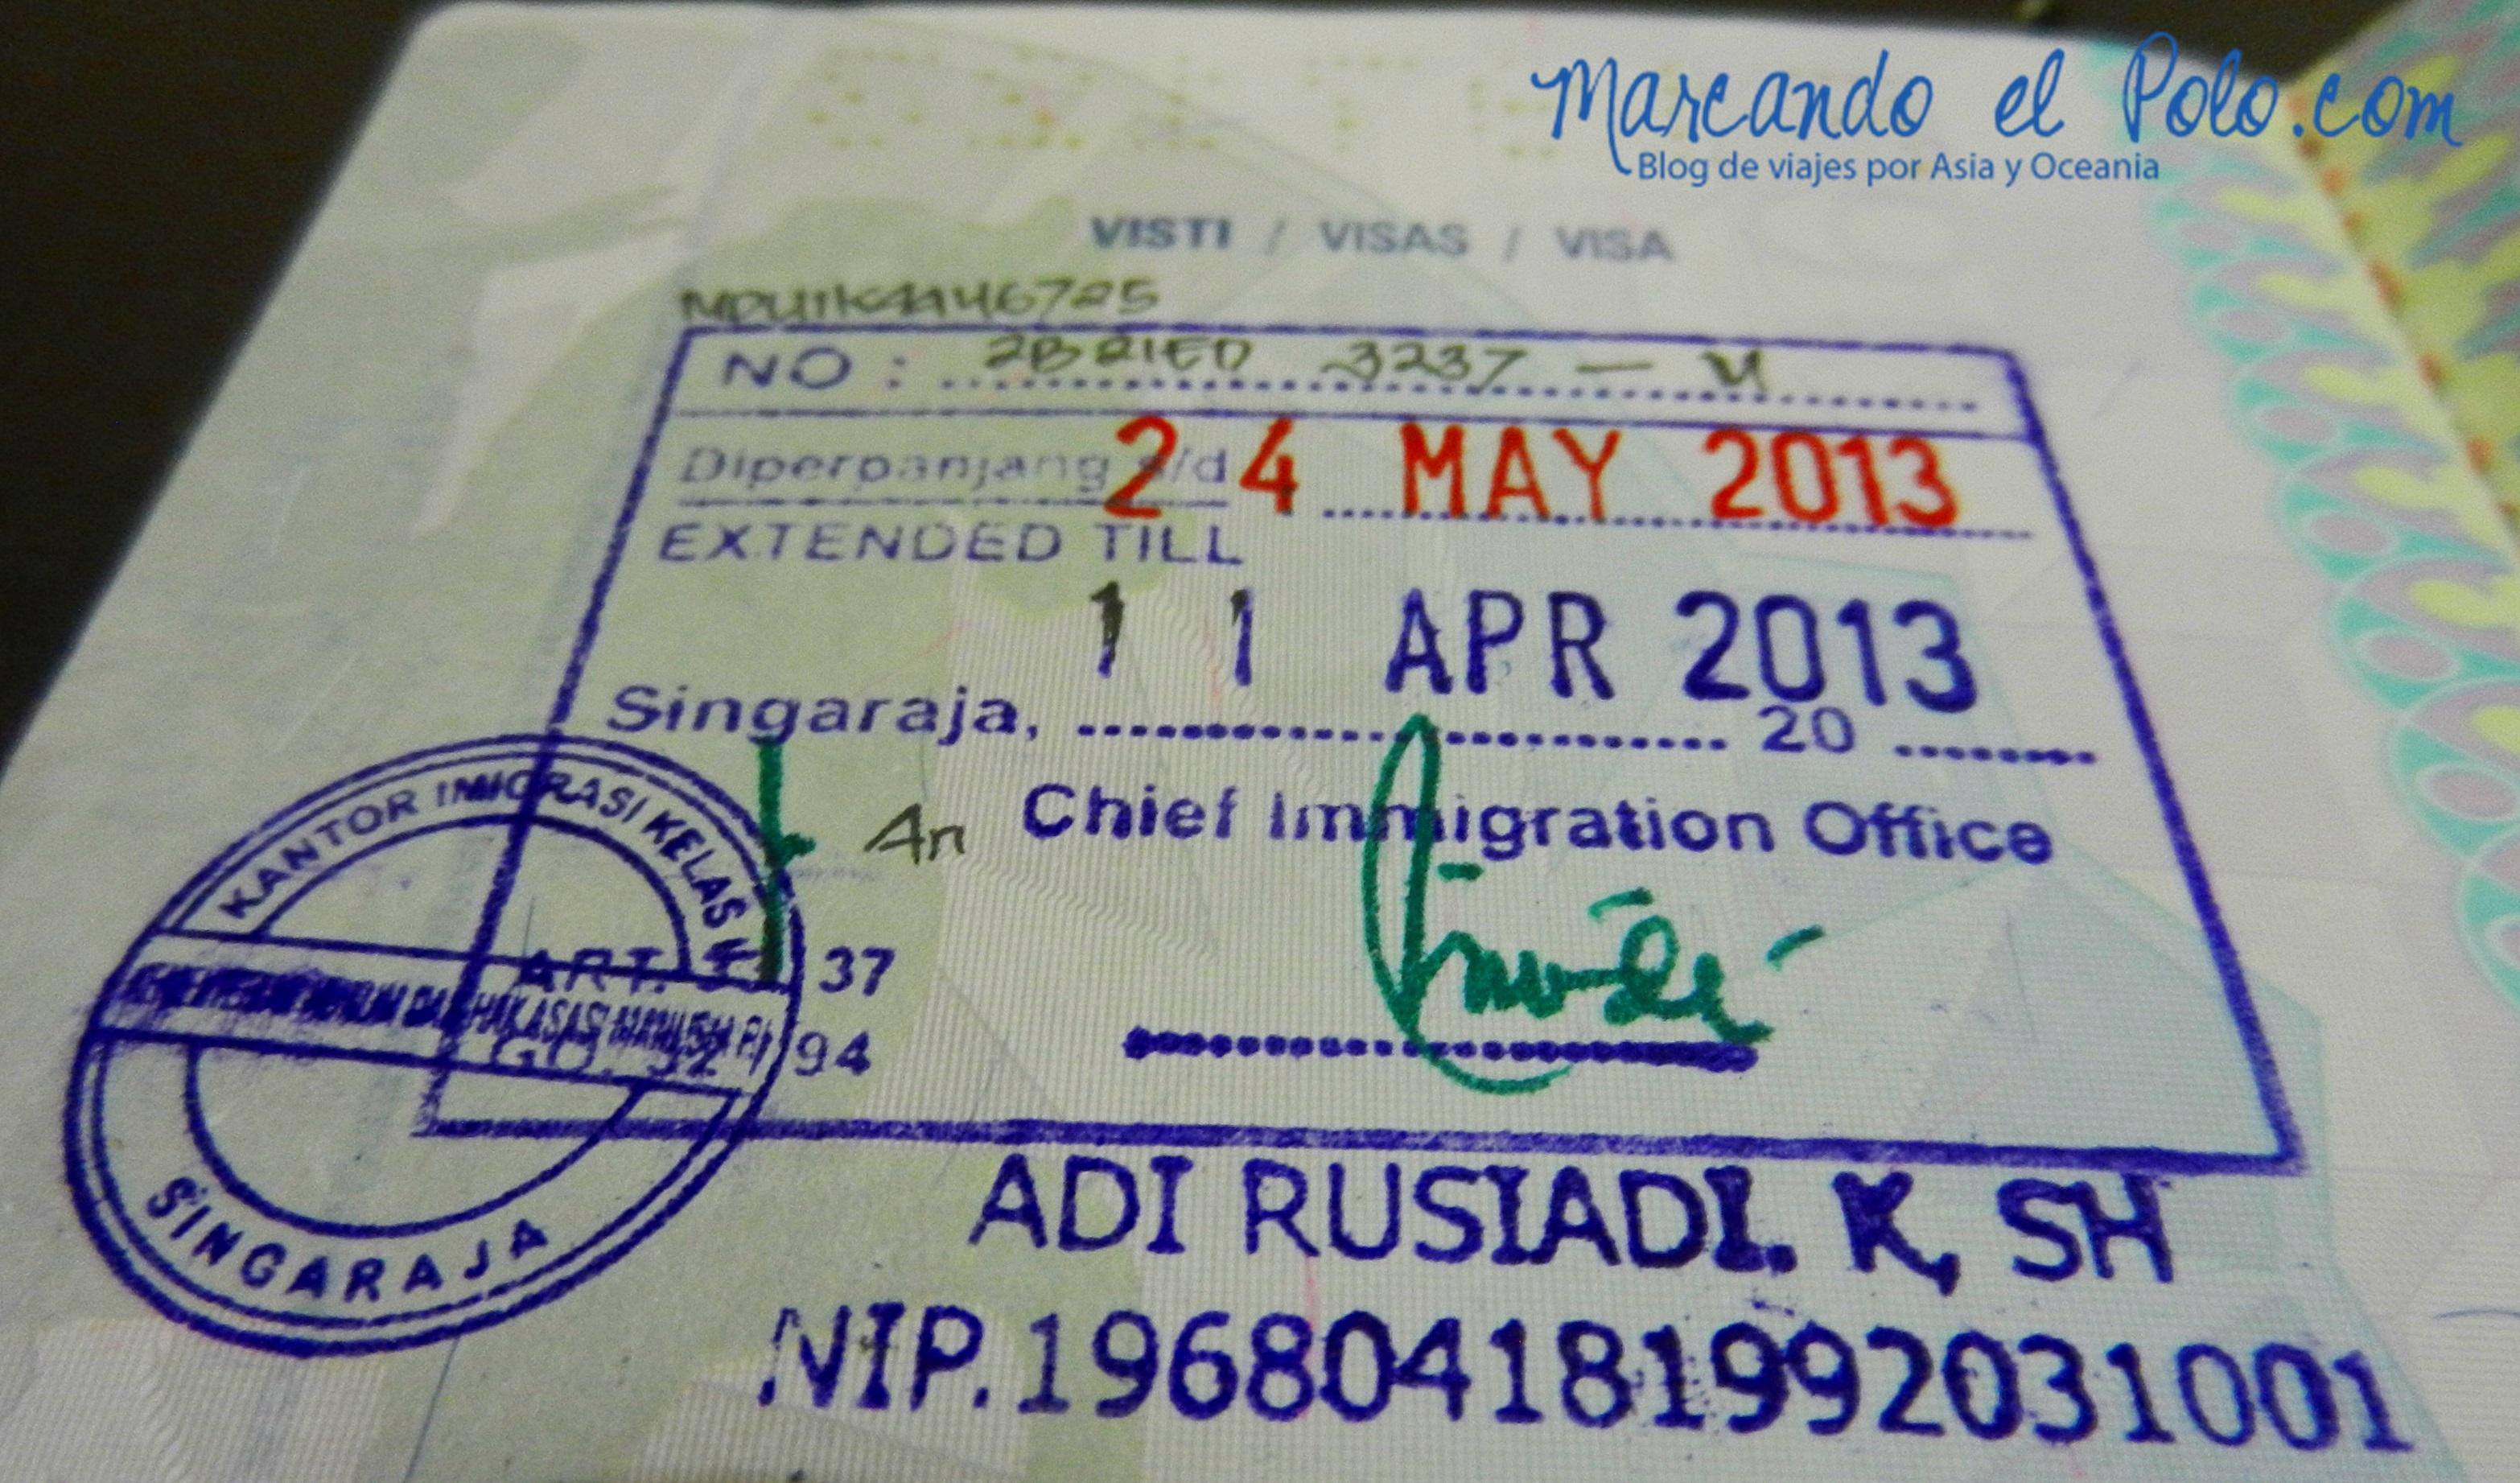 Visas y vacunas viajar a Indonesia: extensión